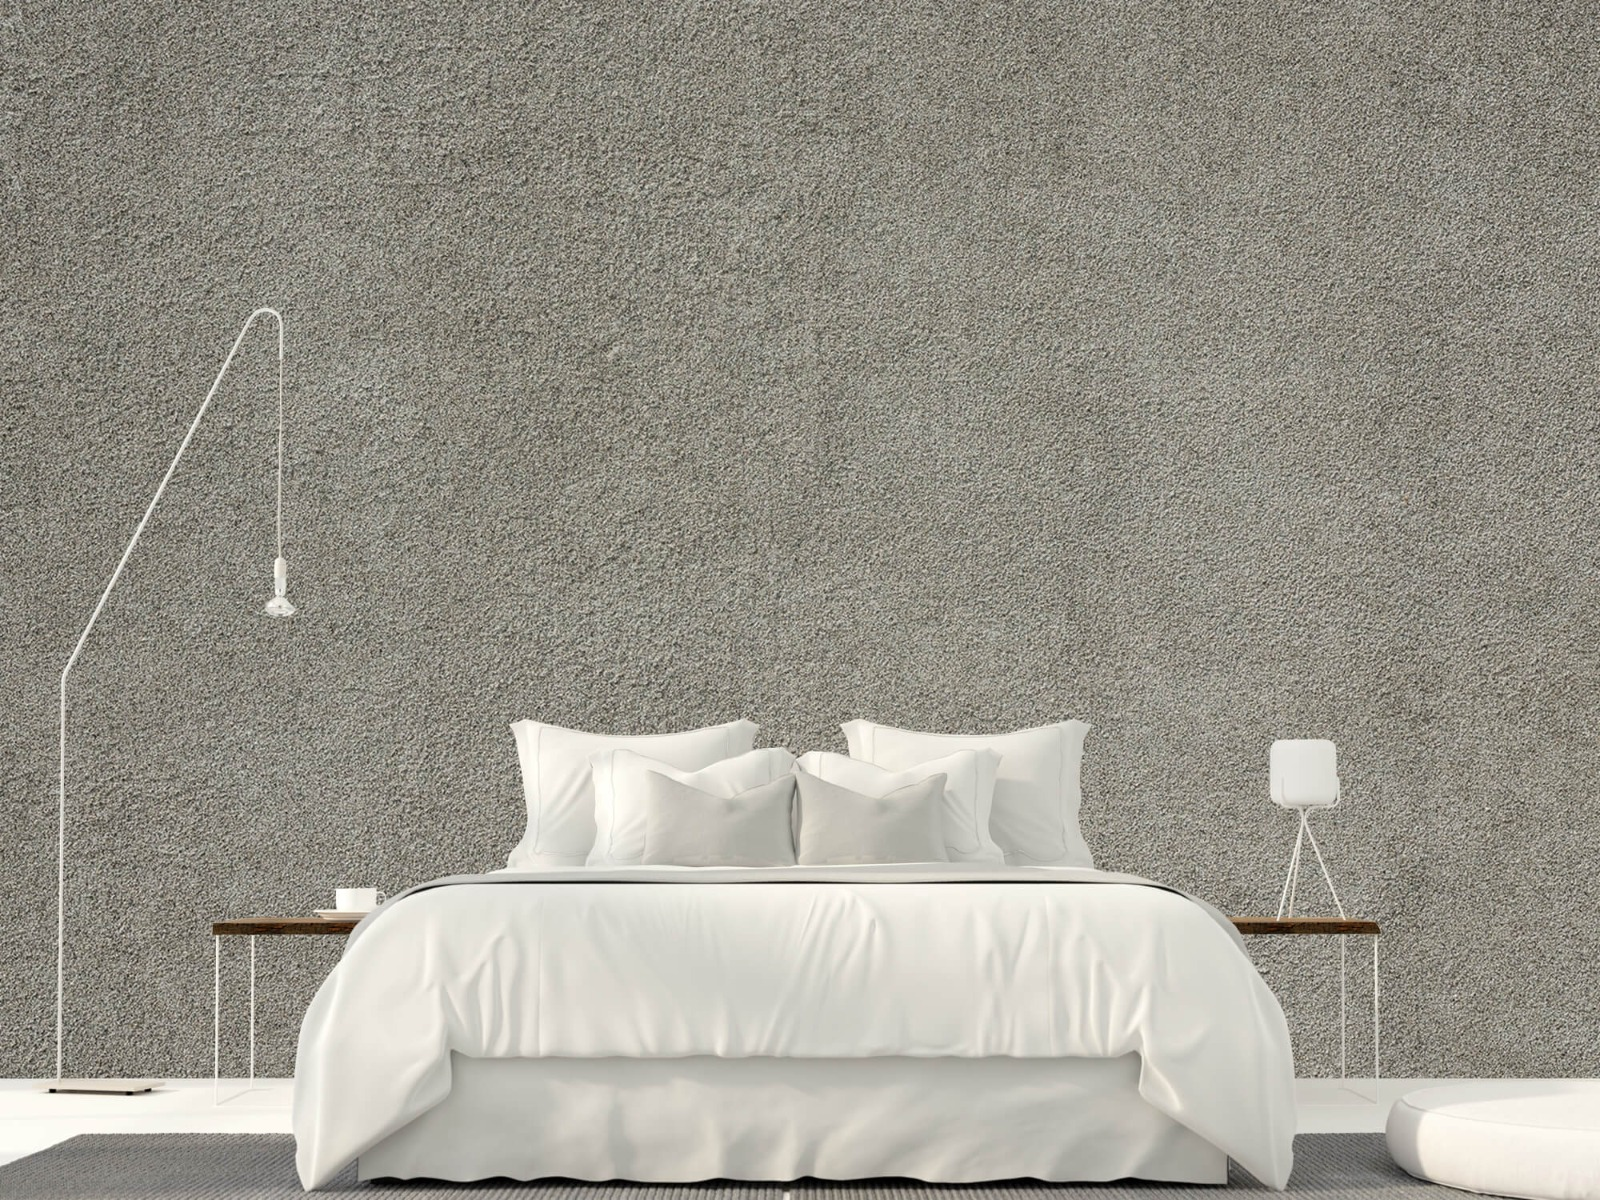 Betonlook behang - Betonnen muur met fijne steentjes - Kantoor 16